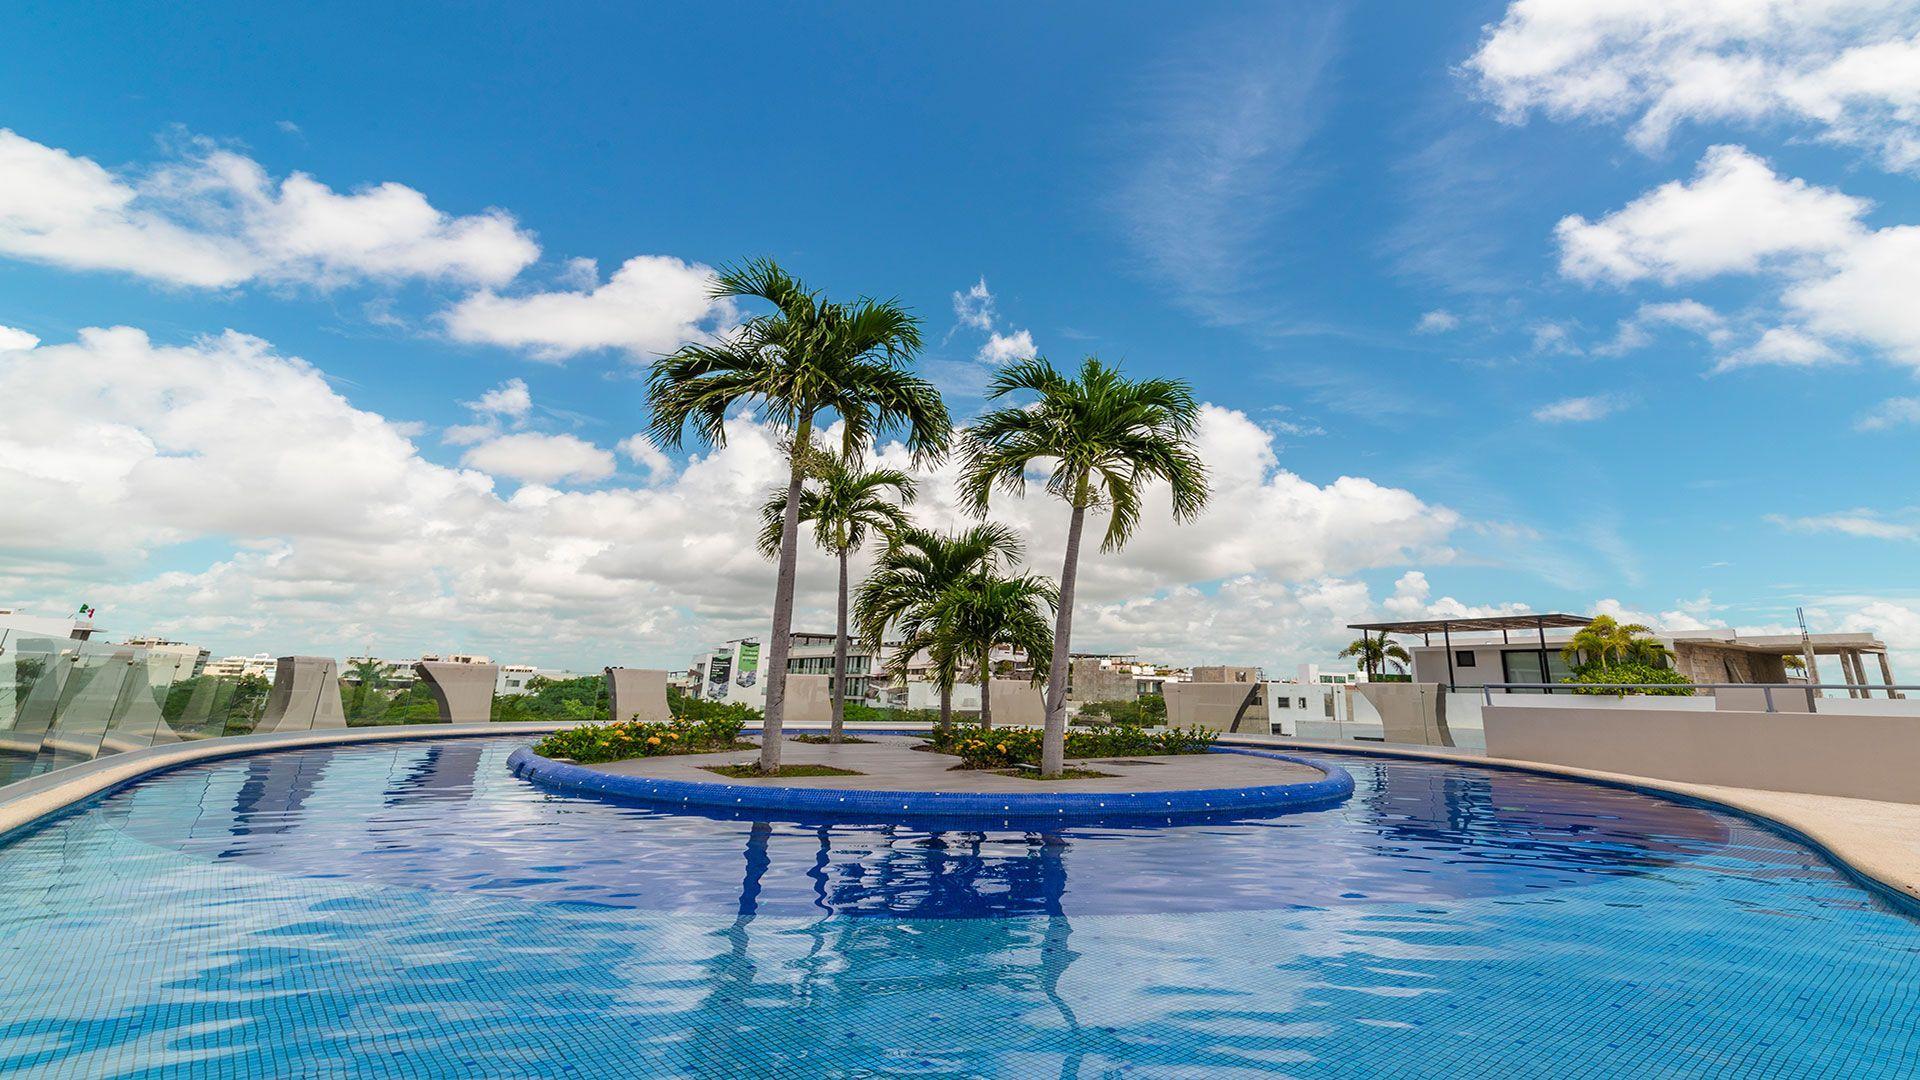 SIAAN Playa del Carmen Rooftop Pool